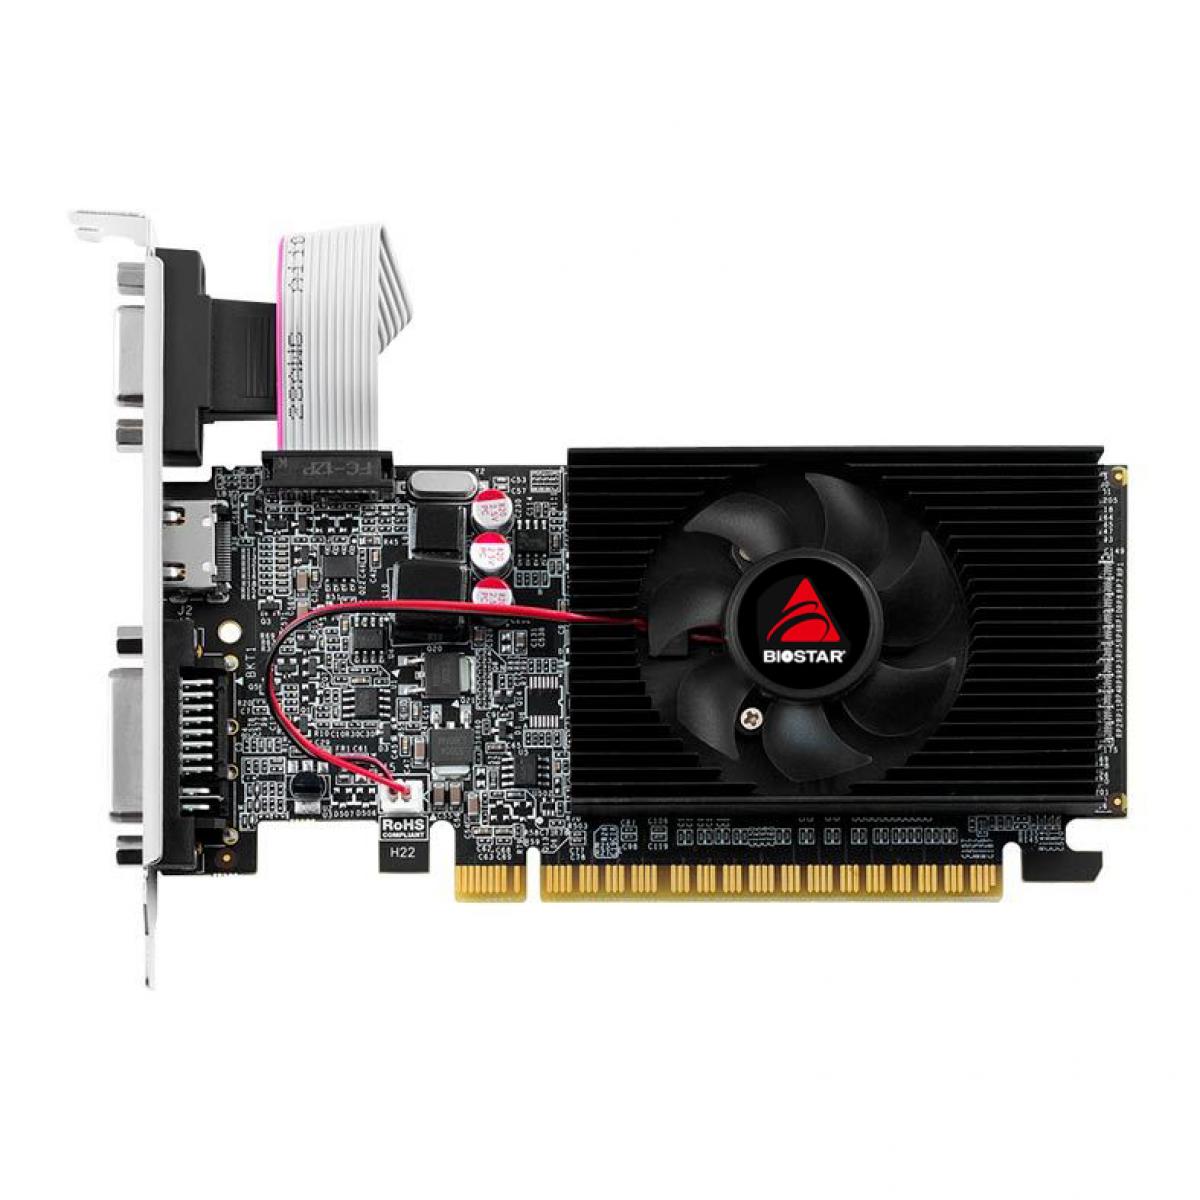 Kit Upgrade Biostar NVIDIA GeForce GT 610 2GB + Intel Core i5 10400F + Geil Evo Potenza 8GB 3000MHz